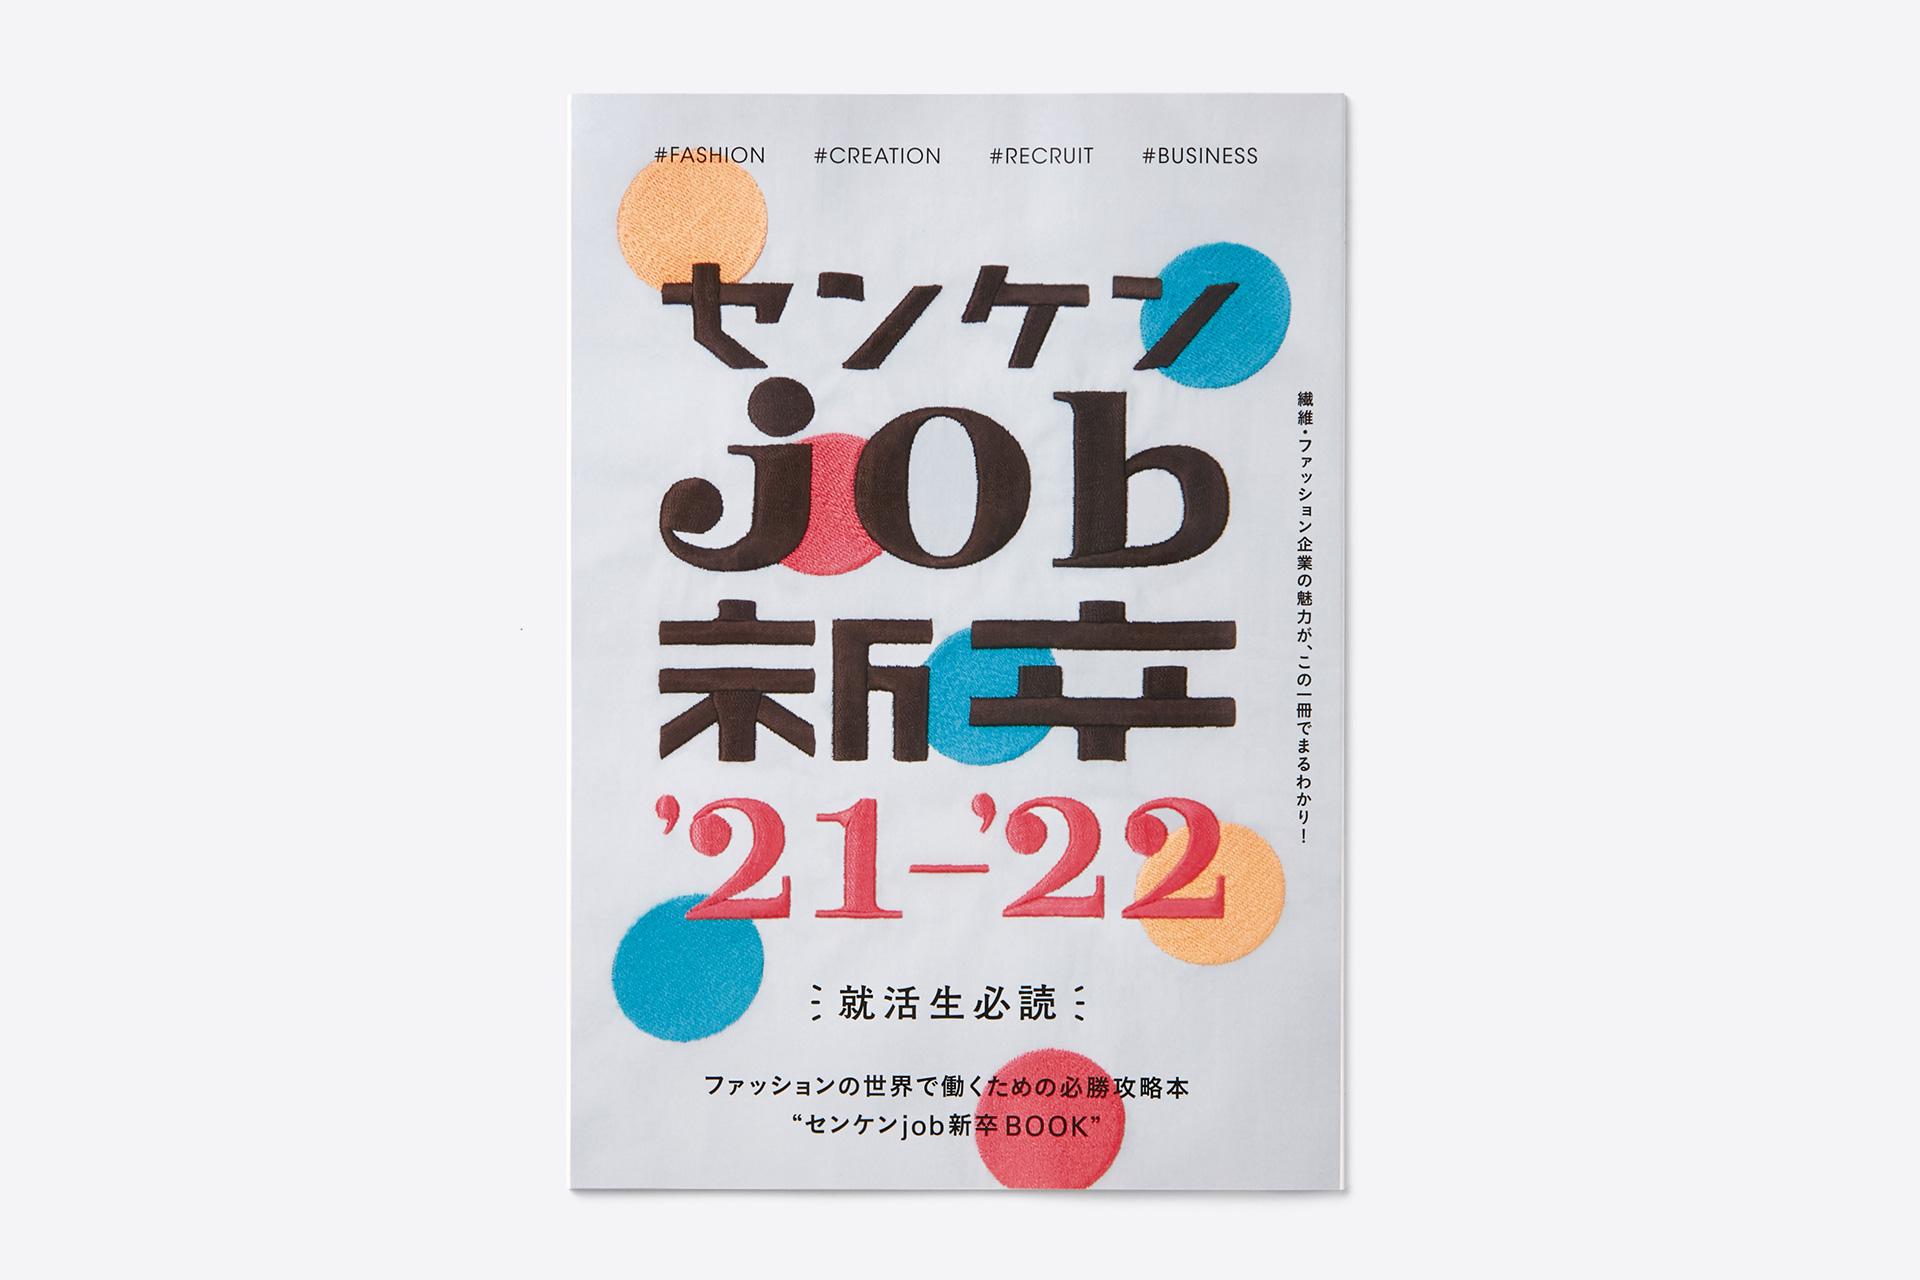 センケンjob新卒'21-'22